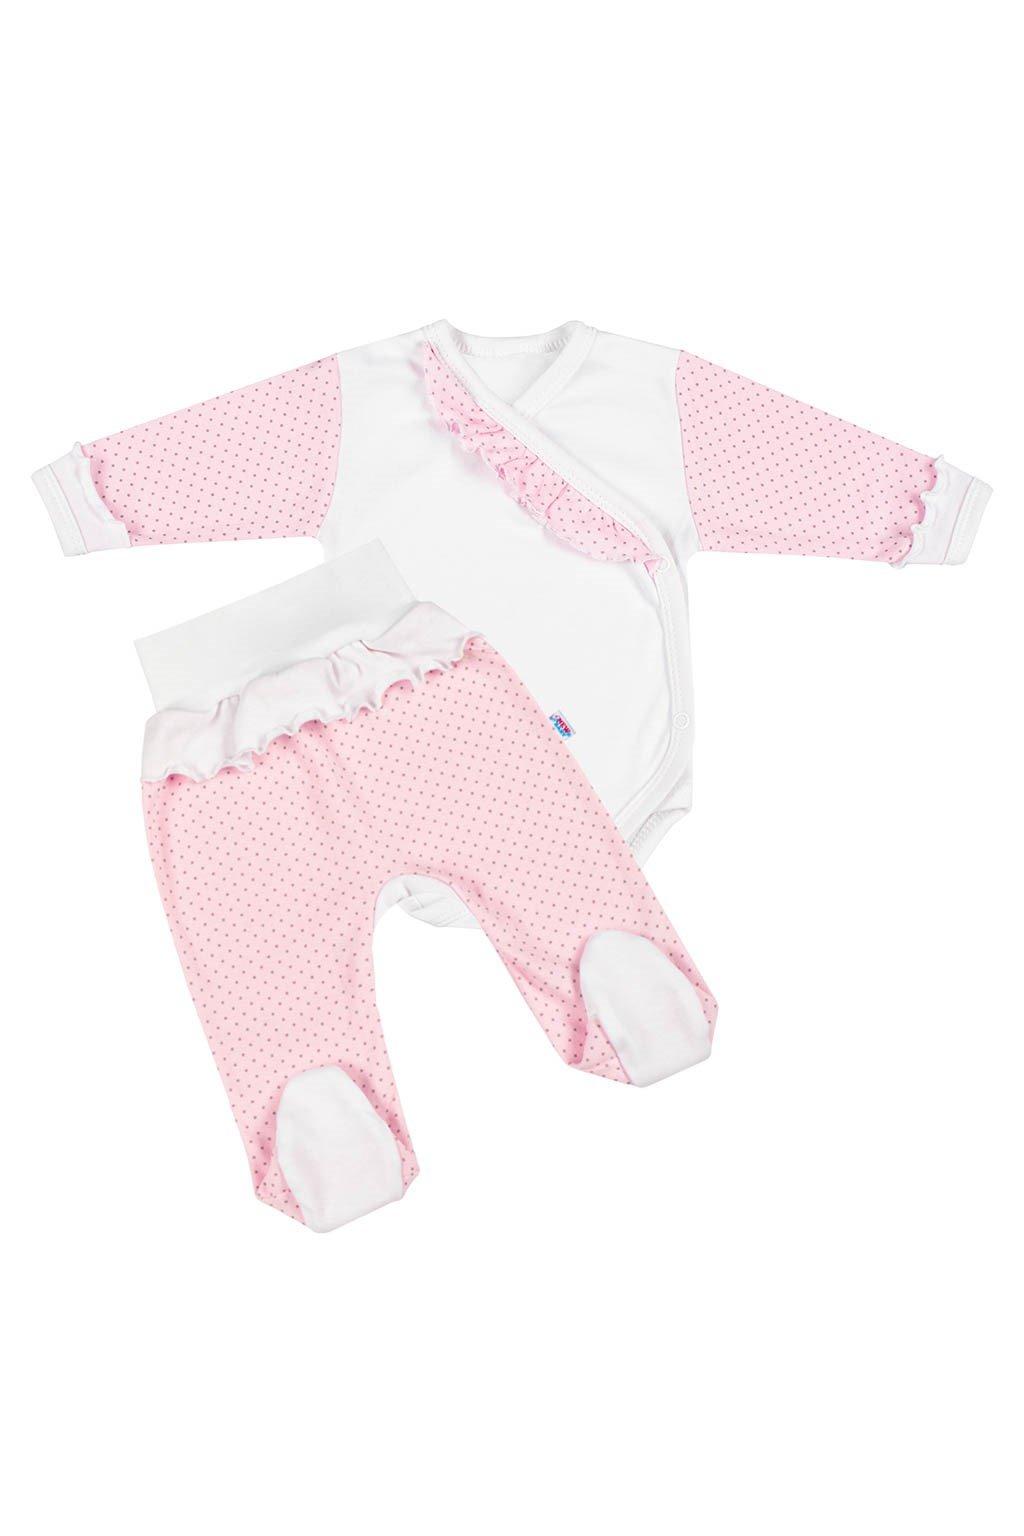 2-dielna dojčenská súprava New Baby Puntík II bielo-ružová NJSK 39065